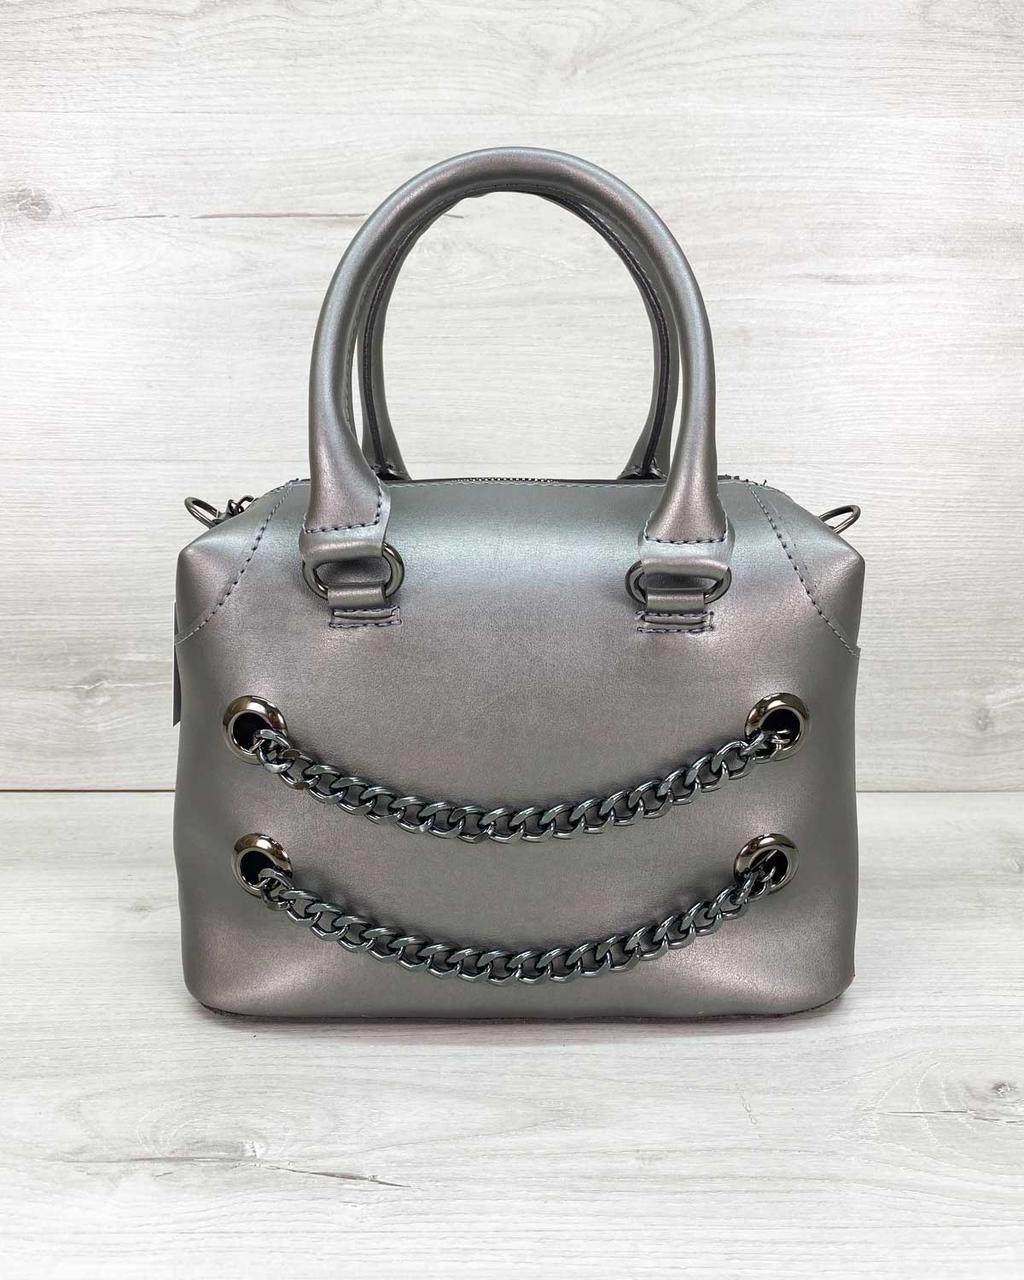 Молодежная женская сумка стильная «Jean» металлик, женская модная сумка среднего размера кожзам